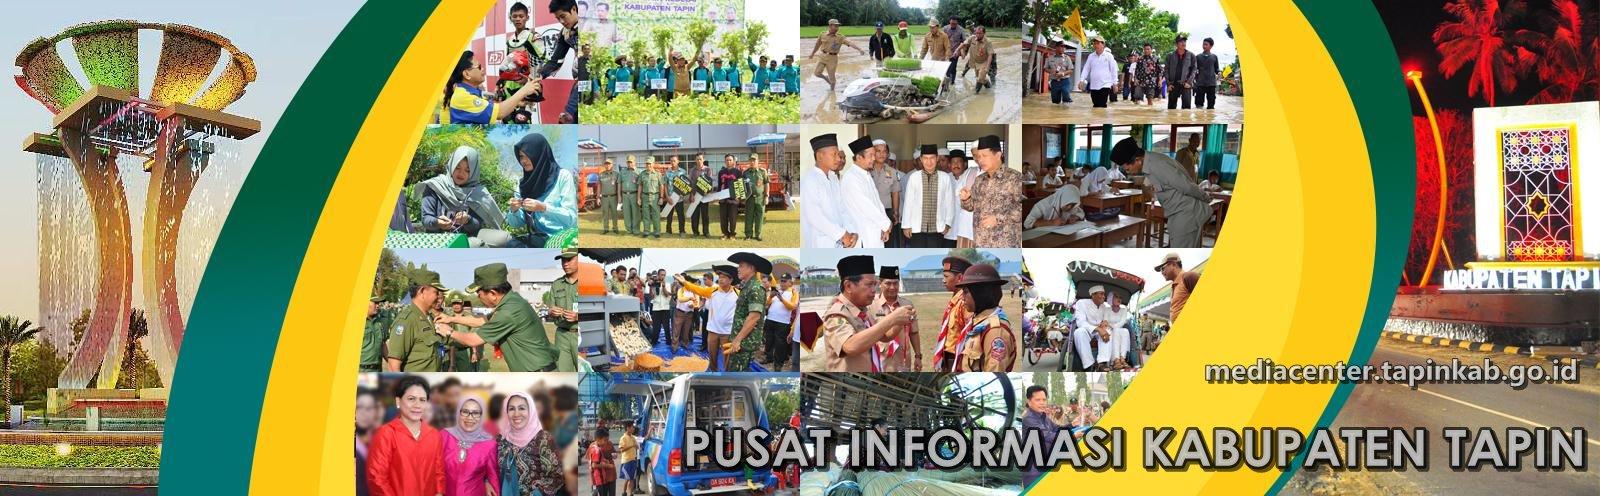 Media Center Tapin | Info Tapin | Pusat Informasi Kab. Tapin Kalsel